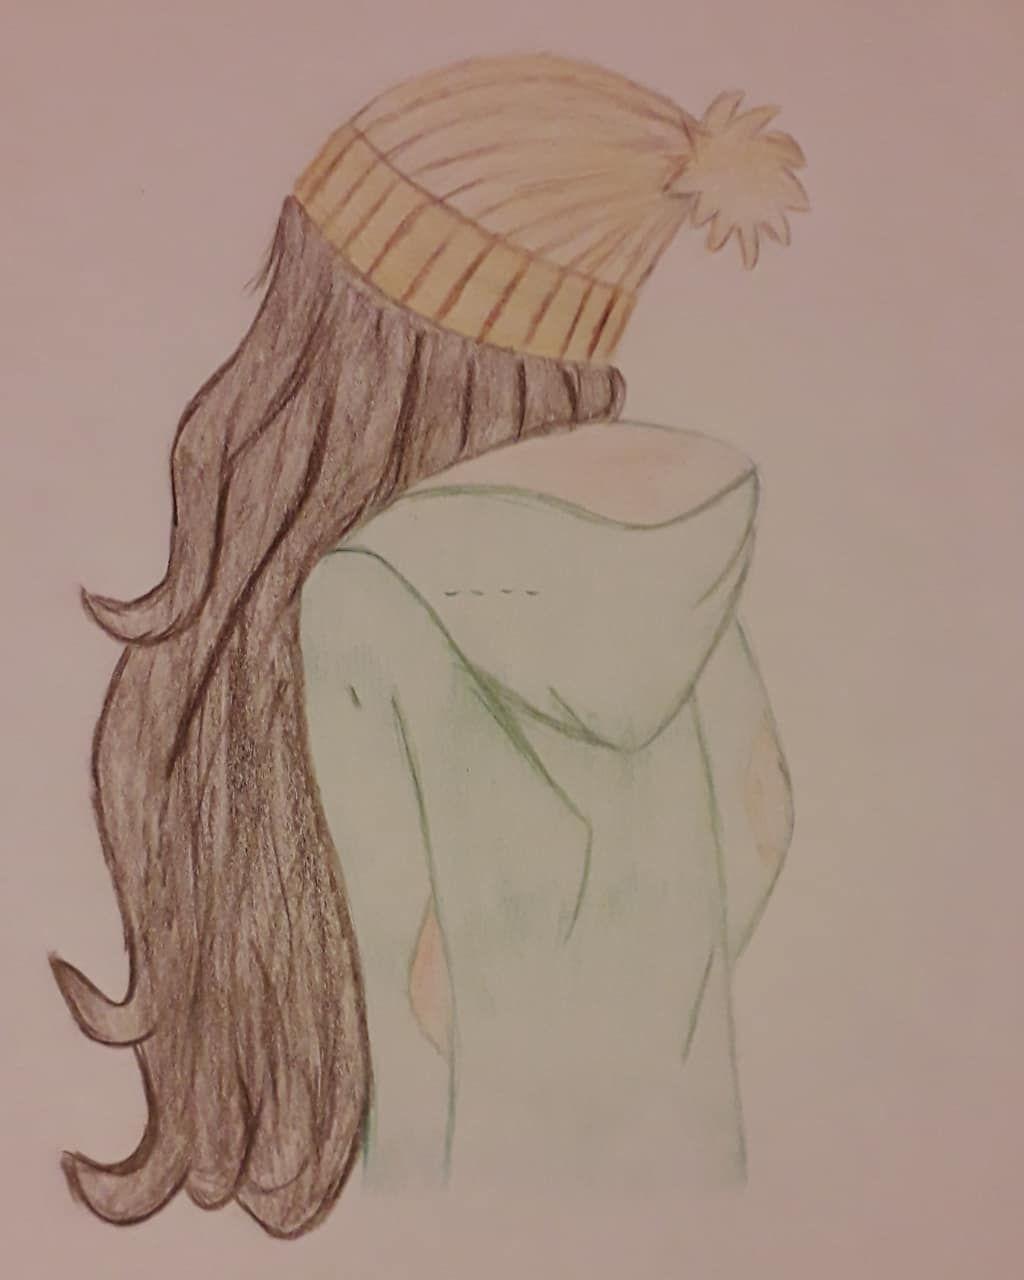 Drawing Arts Tumblr Drawingarts Kunst Zeichnung Zeichnungen Love Liebe Stift Bleistift Ideen Portratzeichnung Zeichnungen Zeichnungen Von Menschen